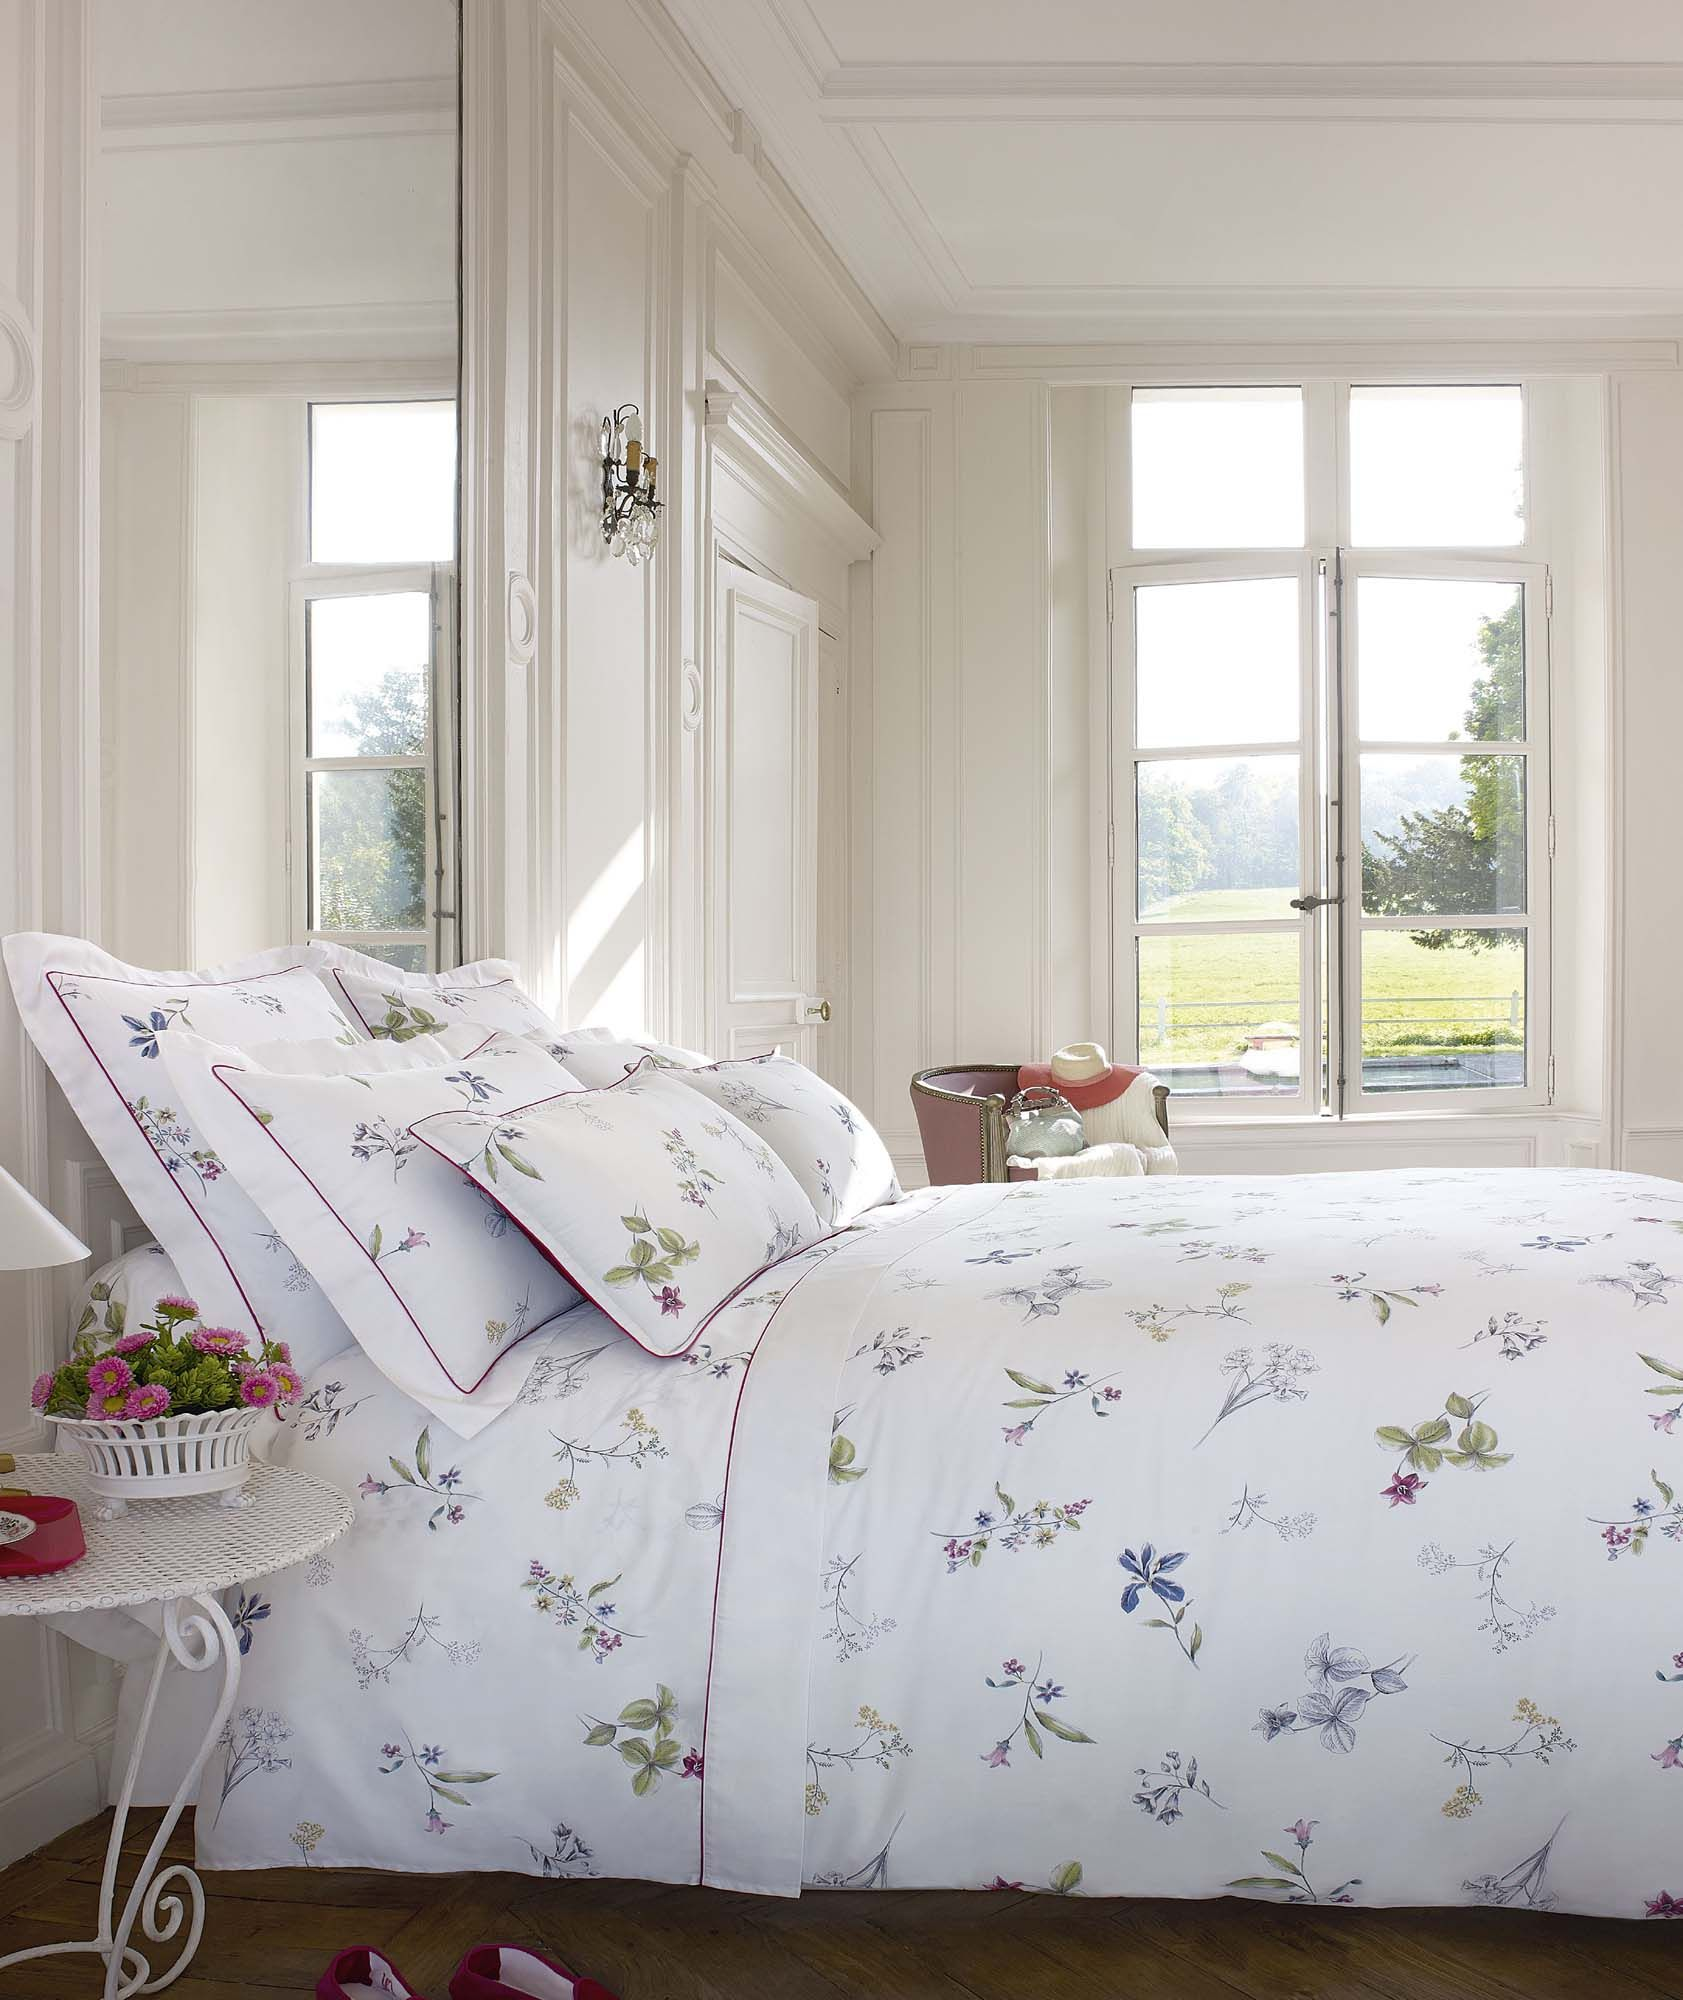 Le charme naturel d 39 un mod le d licatement fleuri des gravures de fleurs et de petits fruits - Parure de lit fleurie ...